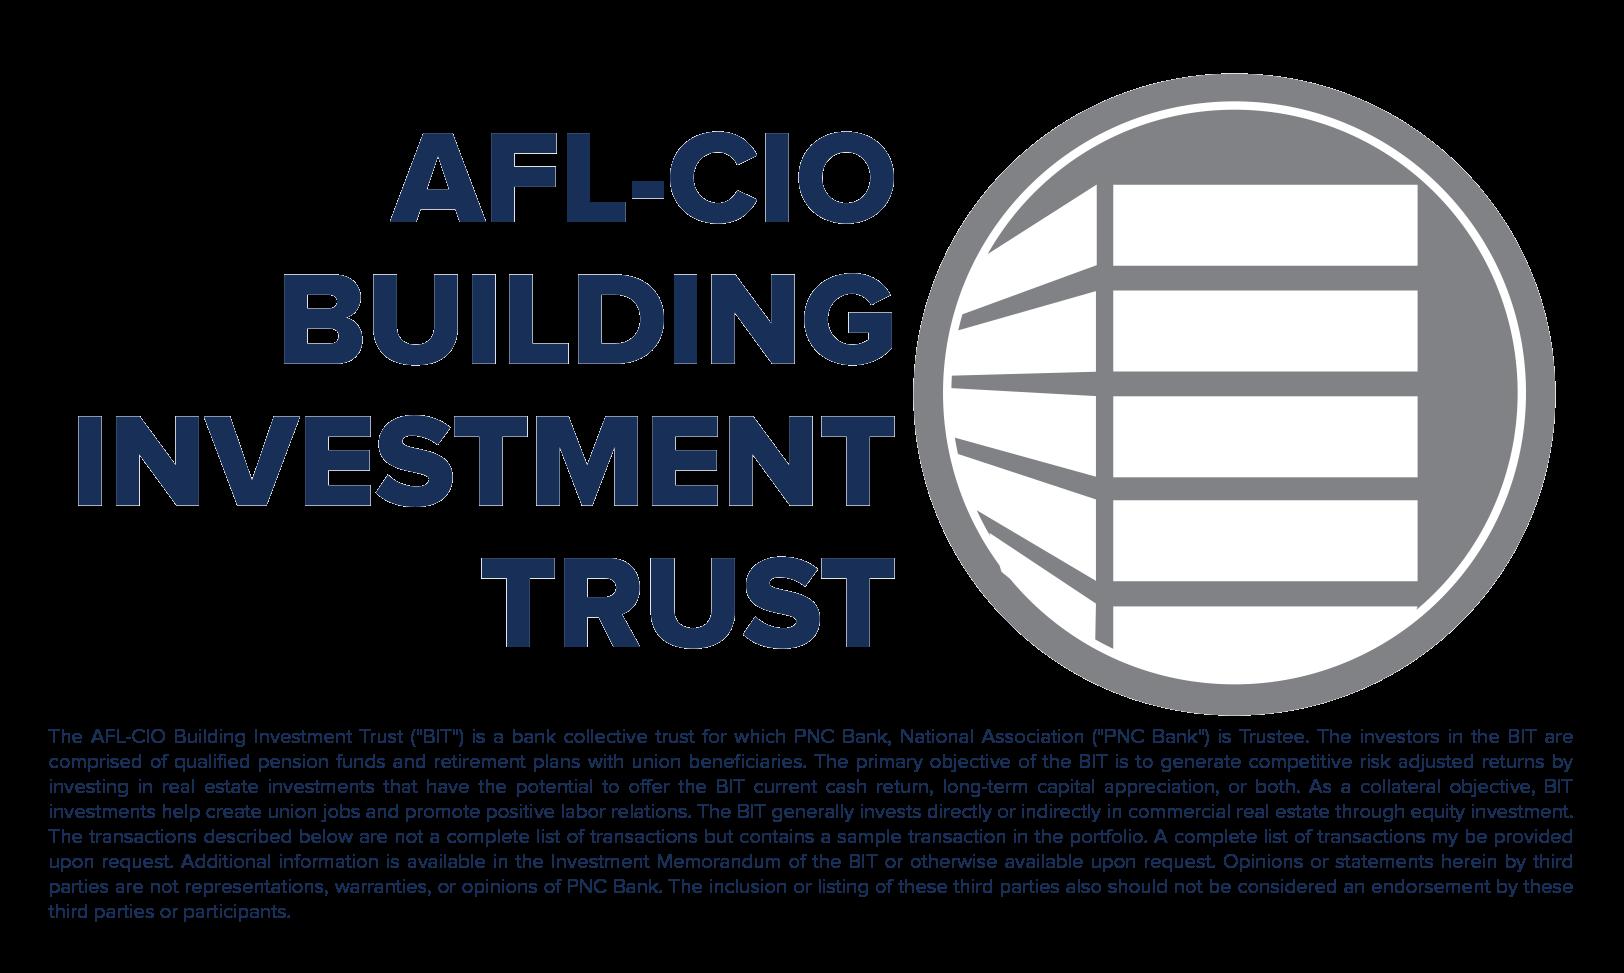 AFL-CIO Building Investment Trust - Development Update: 1Q18